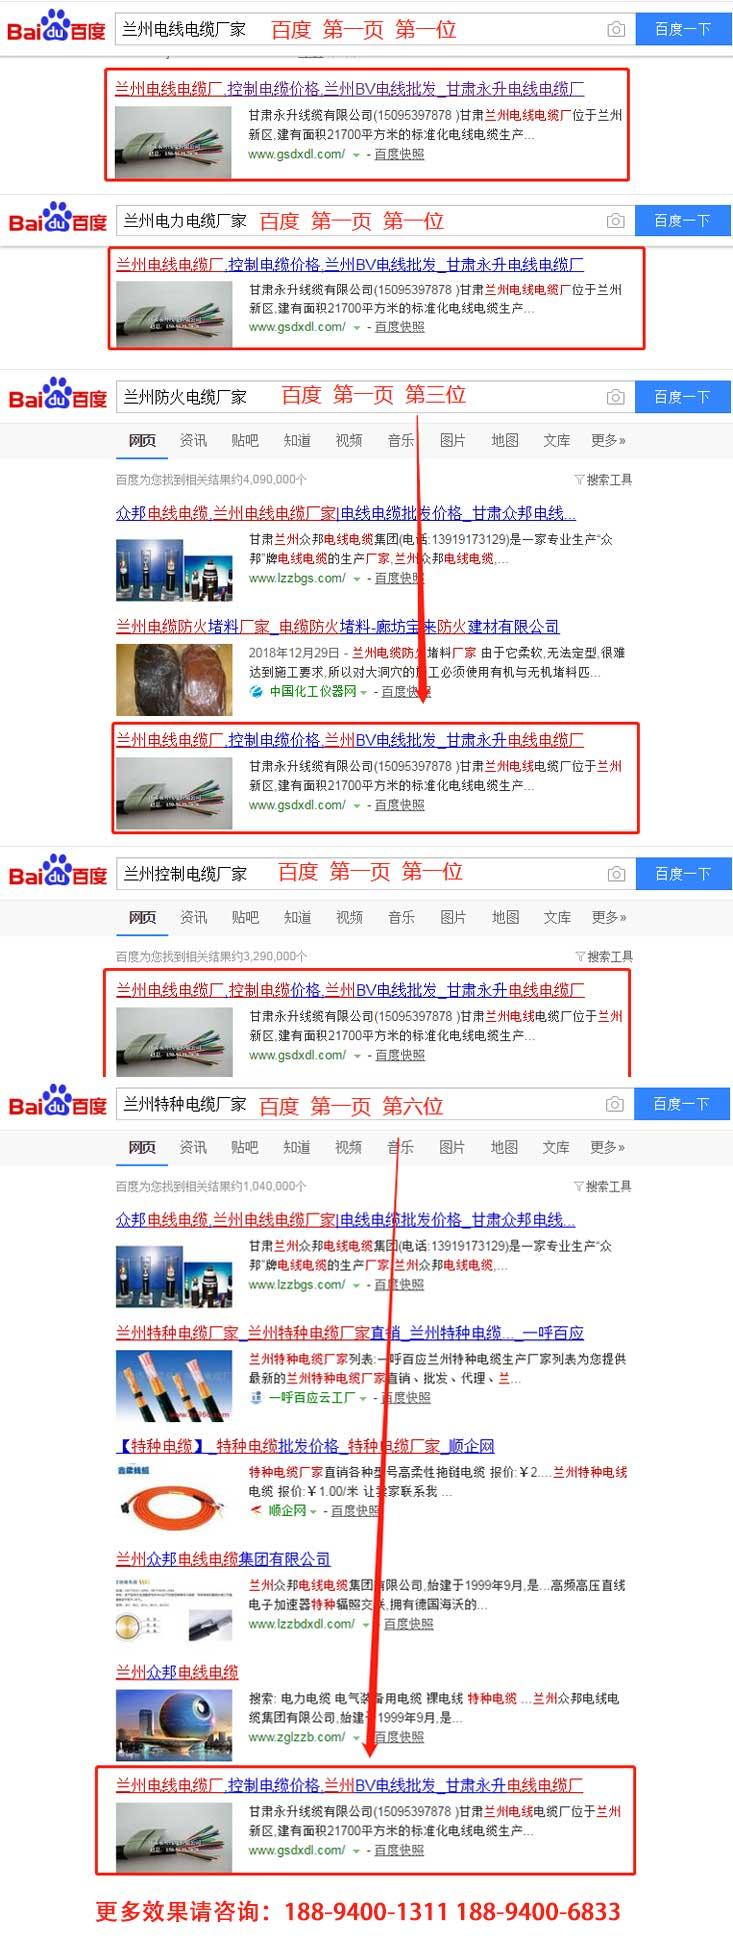 甘肃电线电缆公司跟启航合作网站SEO优化